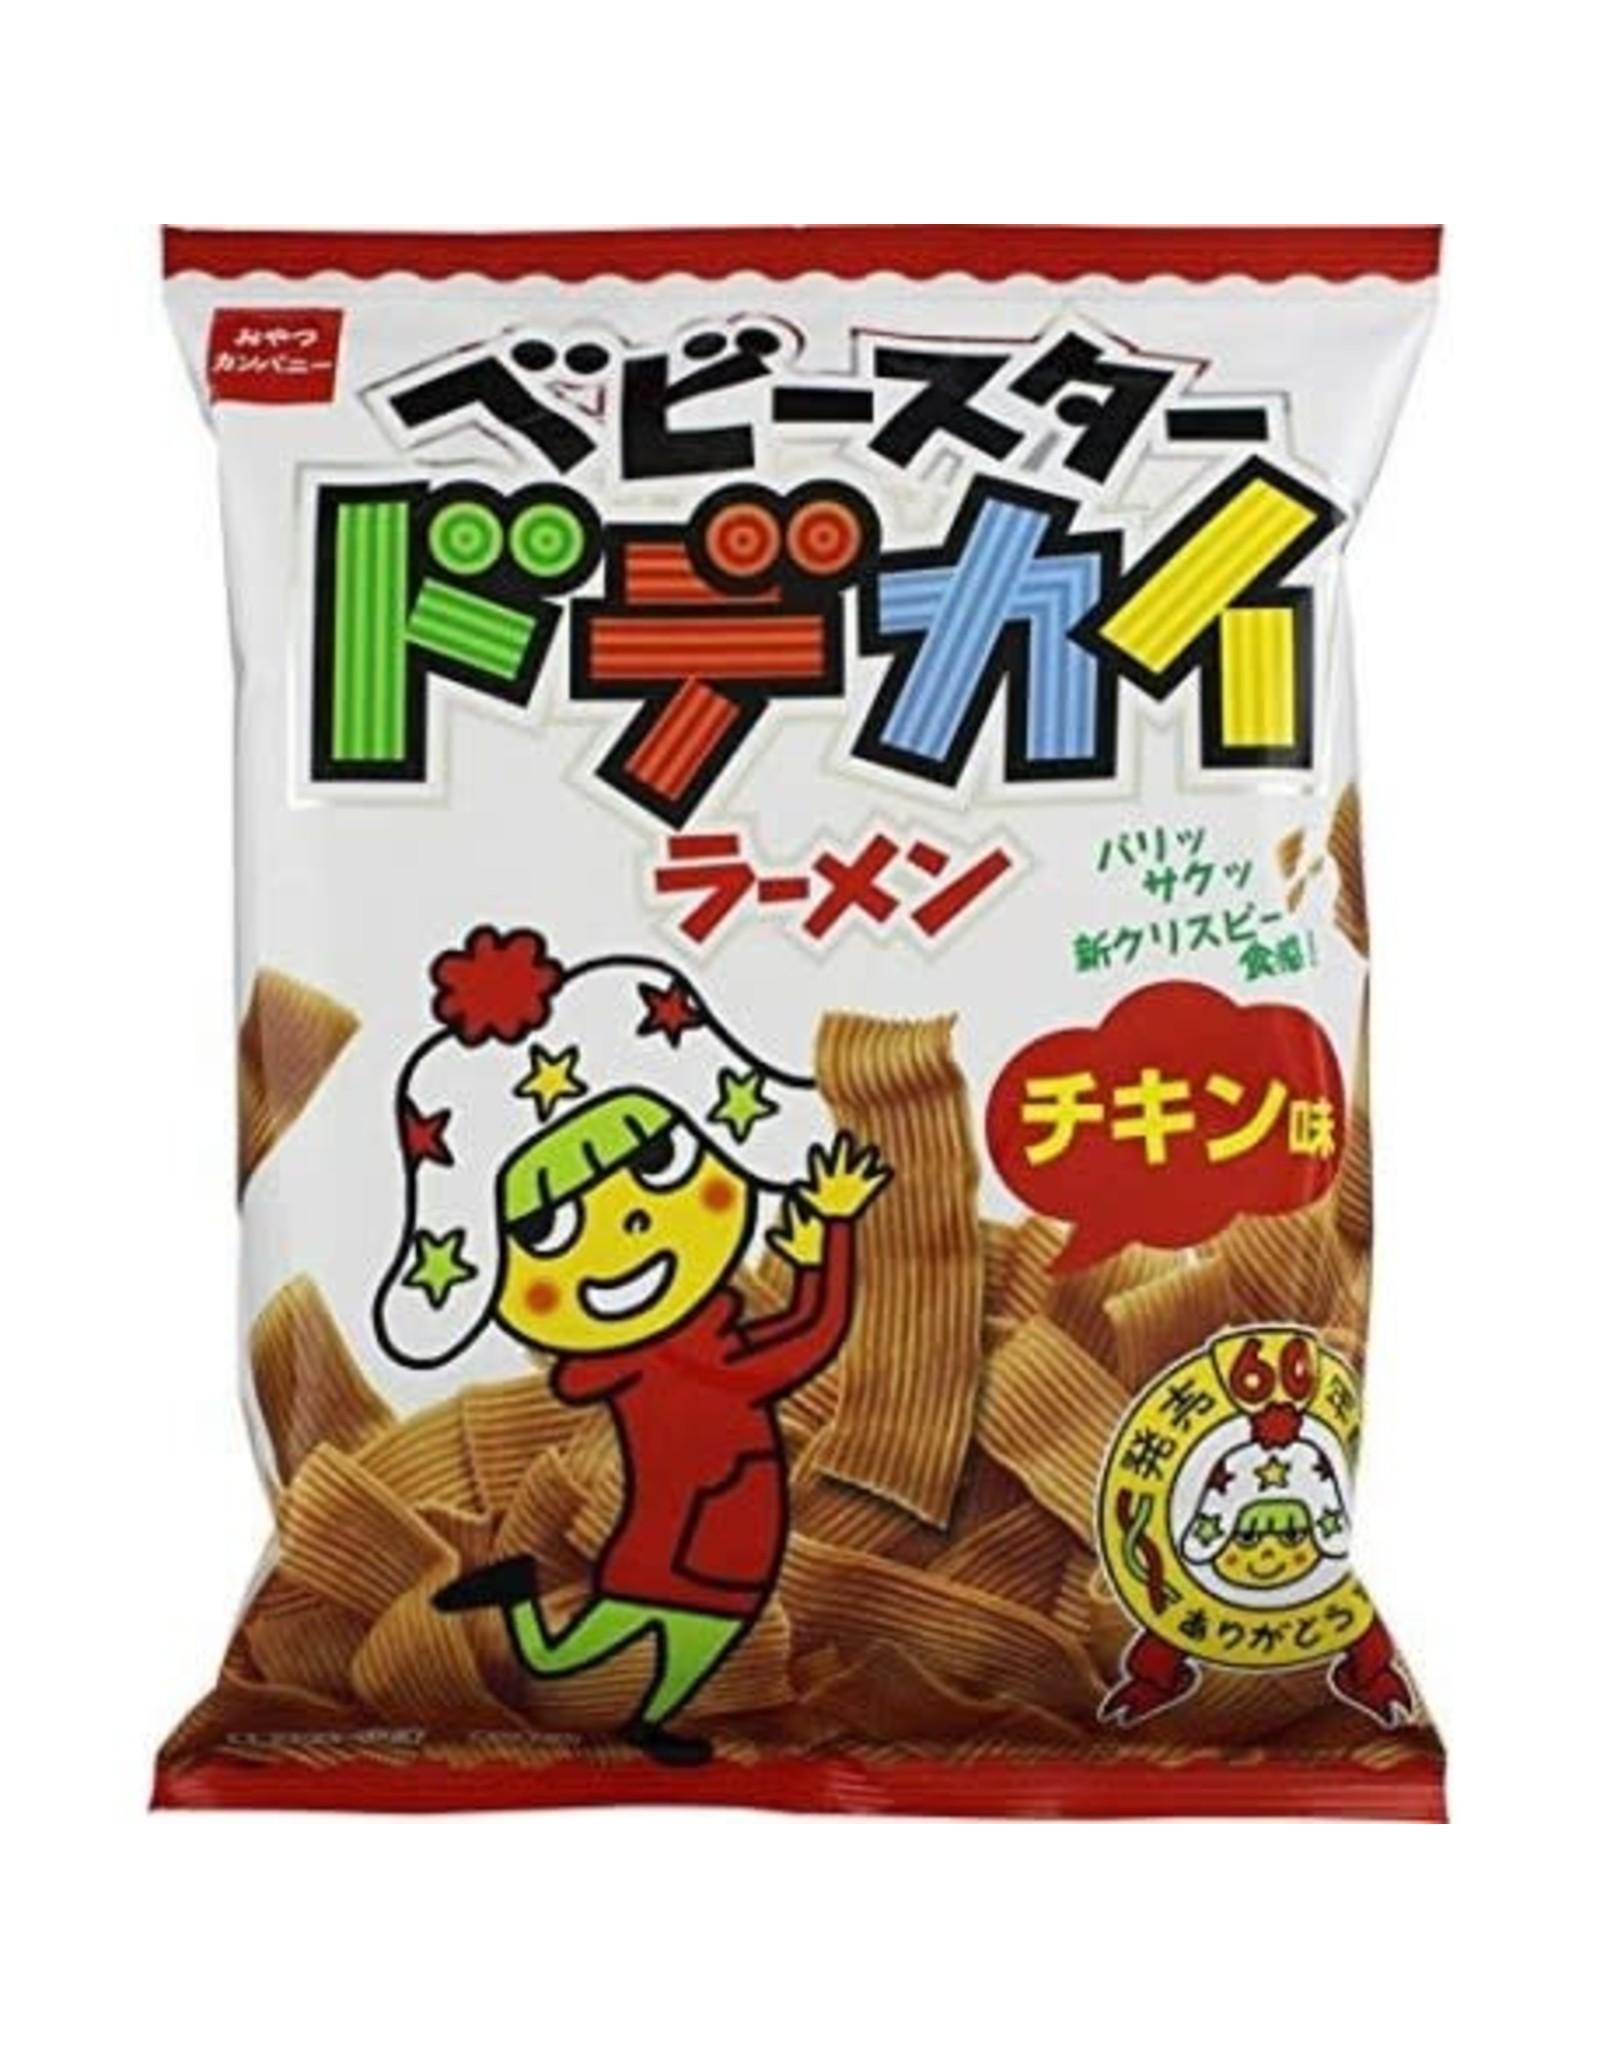 Baby Star Dodekai - Chicken Ramen Flavor - 82g